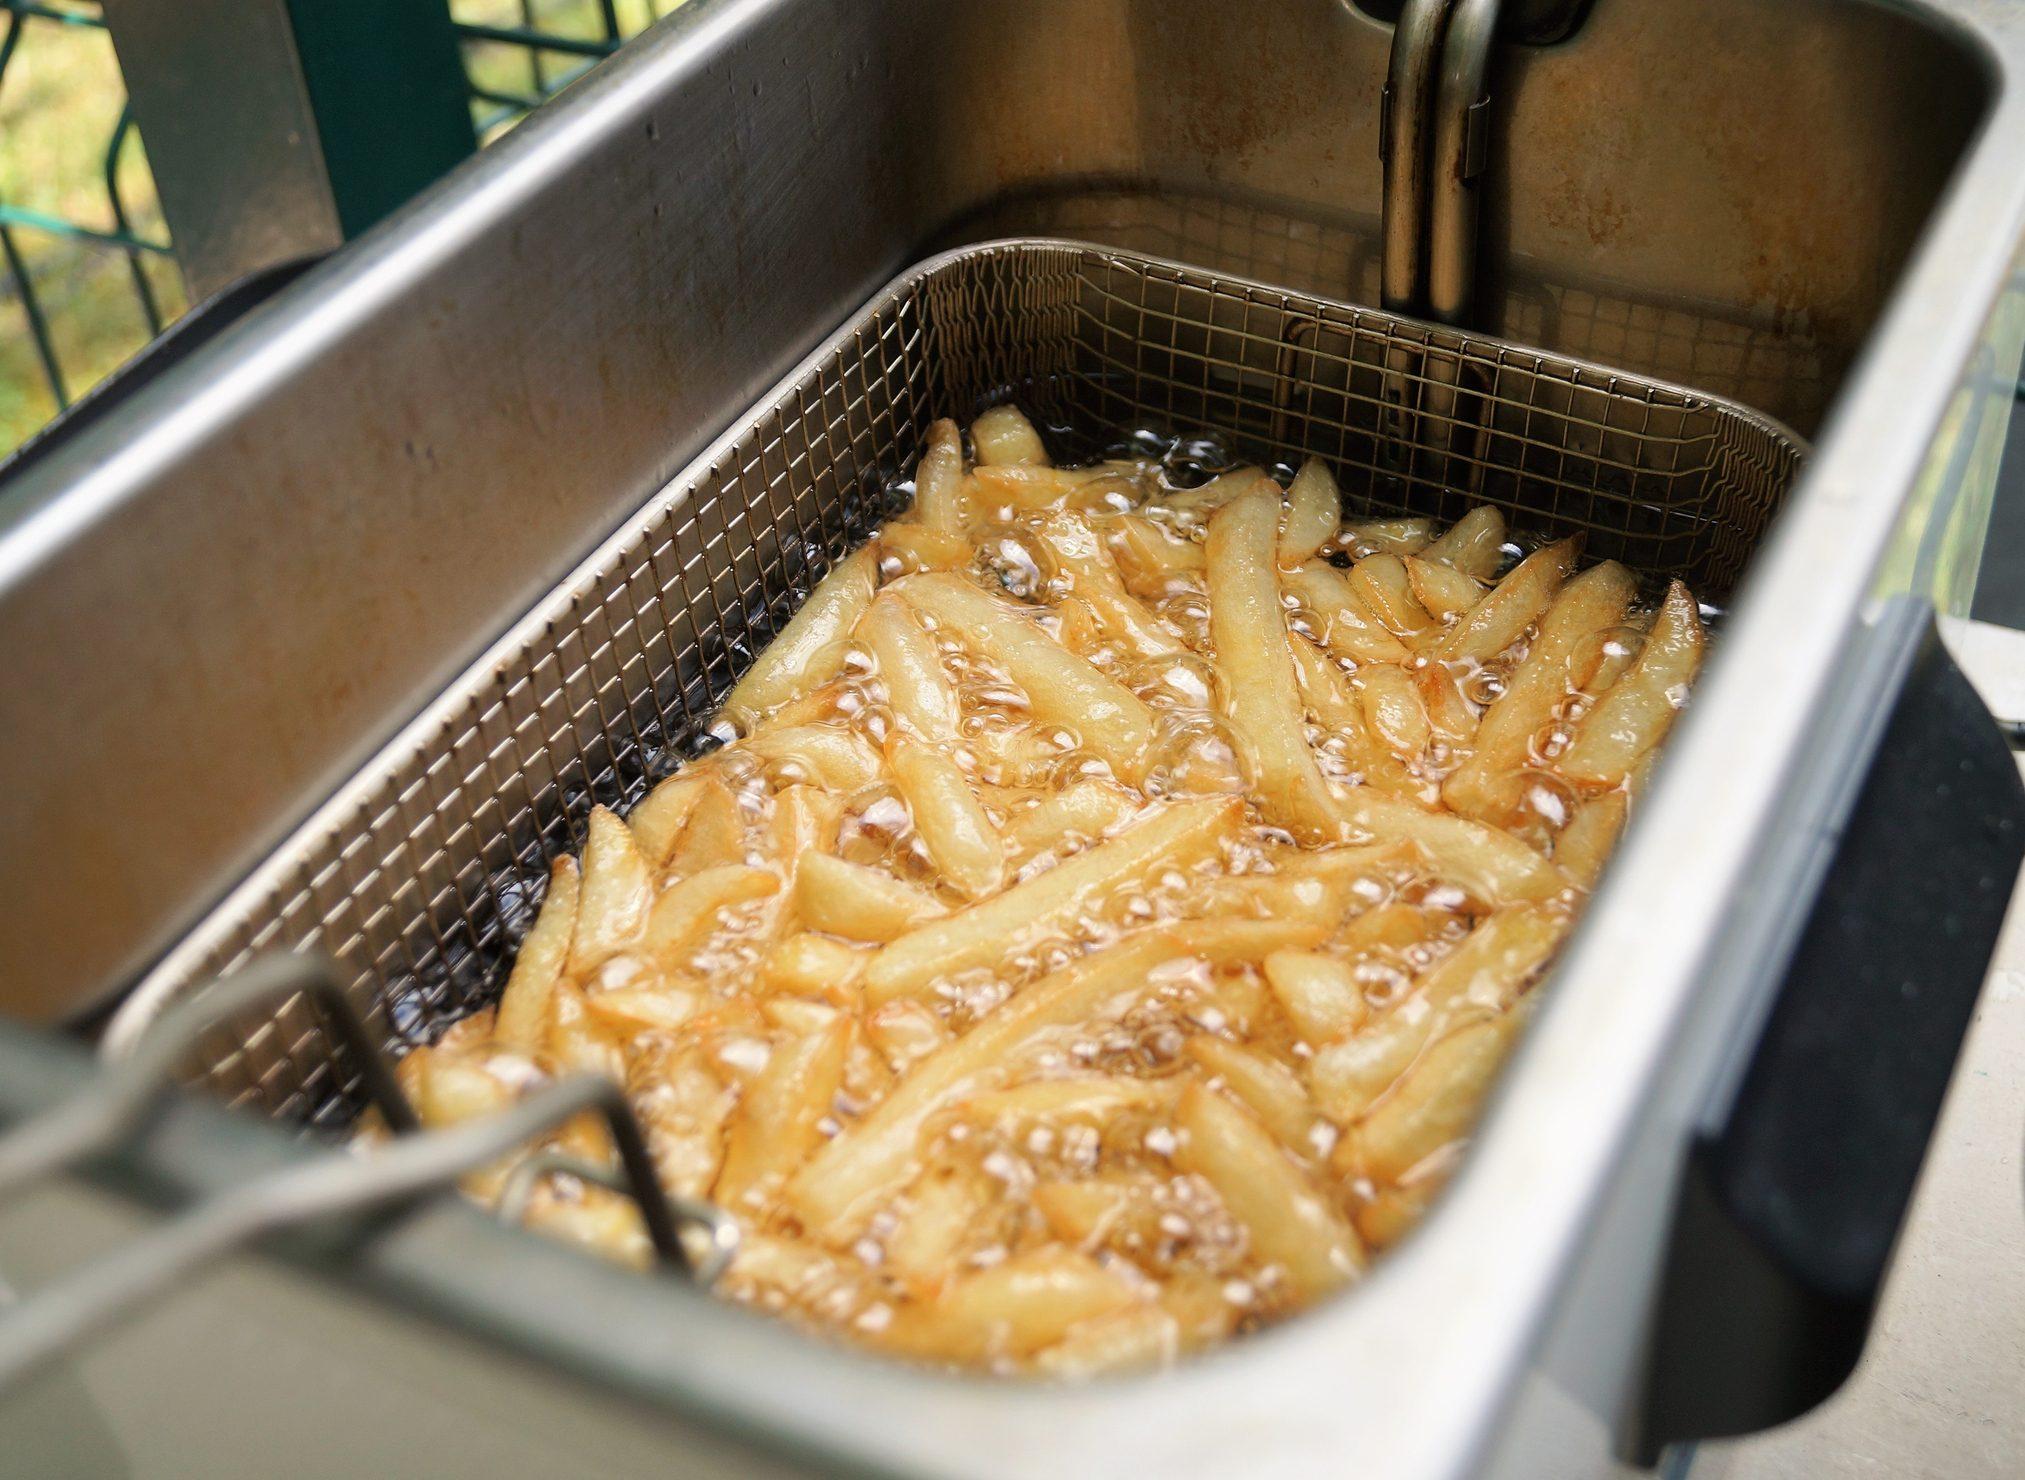 Resina biodegradabile ed ecologica con l'olio riciclato delle friggitrici del McDonald's